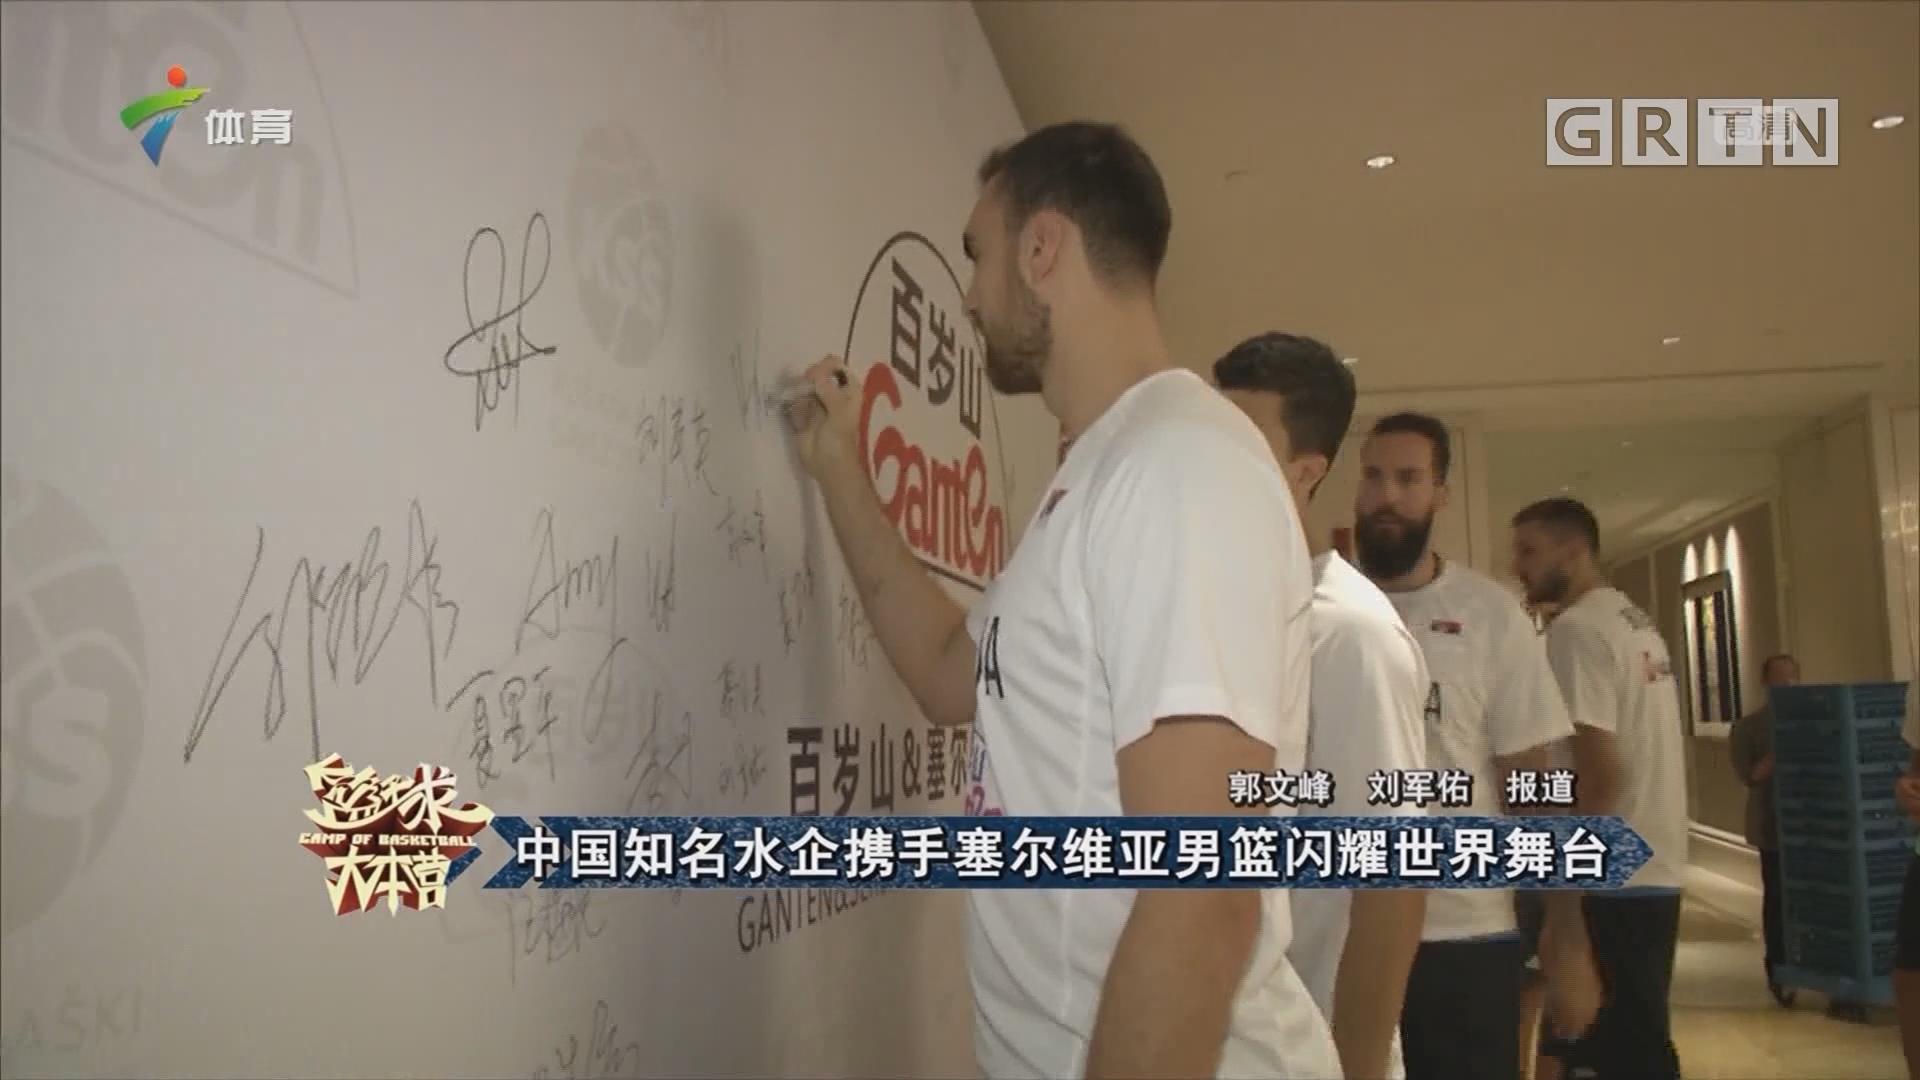 中国知名水企携手塞尔维亚男篮闪耀世界舞台